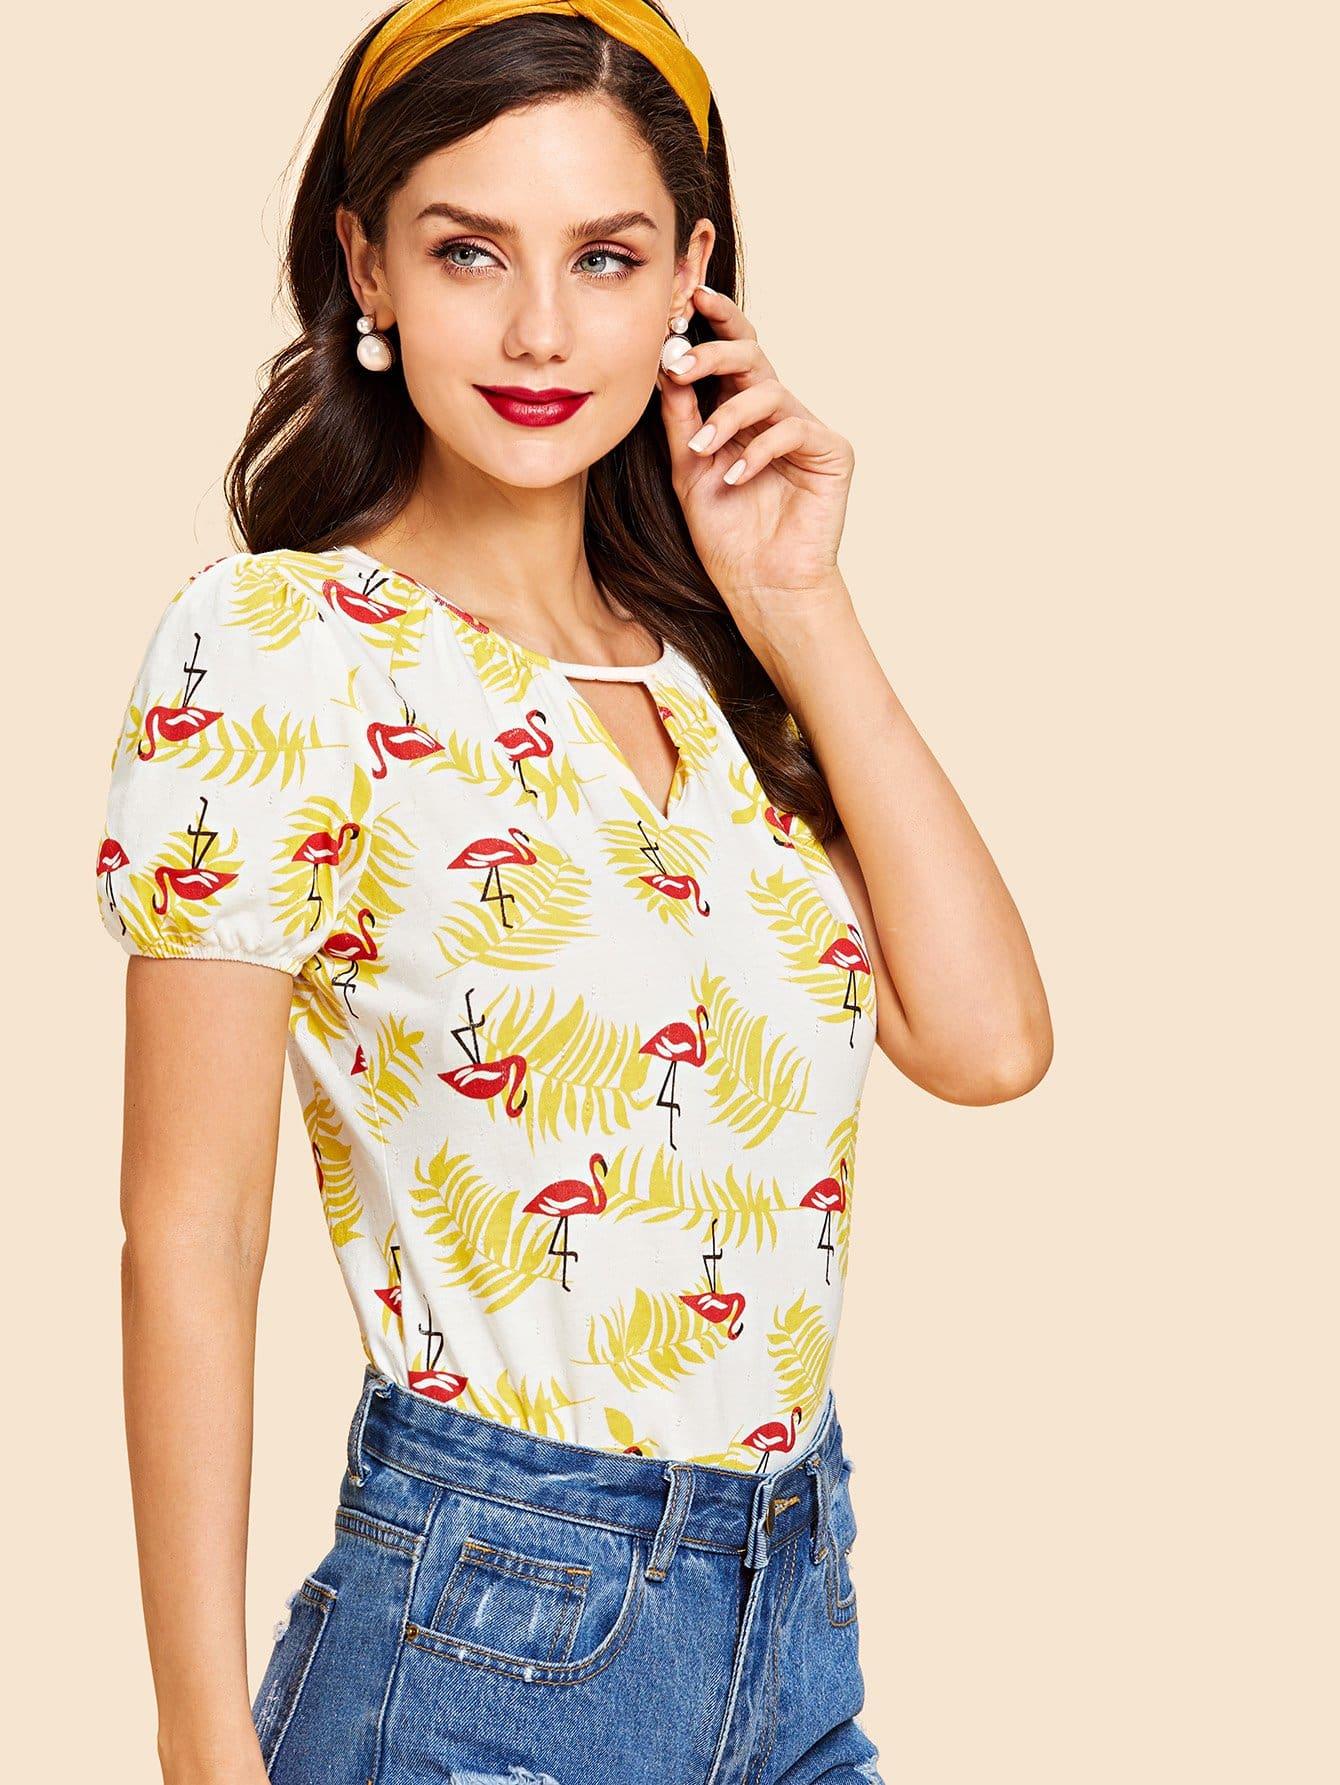 Купить Смешанная ситцевая футболка и воротник с замочной скважиной, Julie H., SheIn